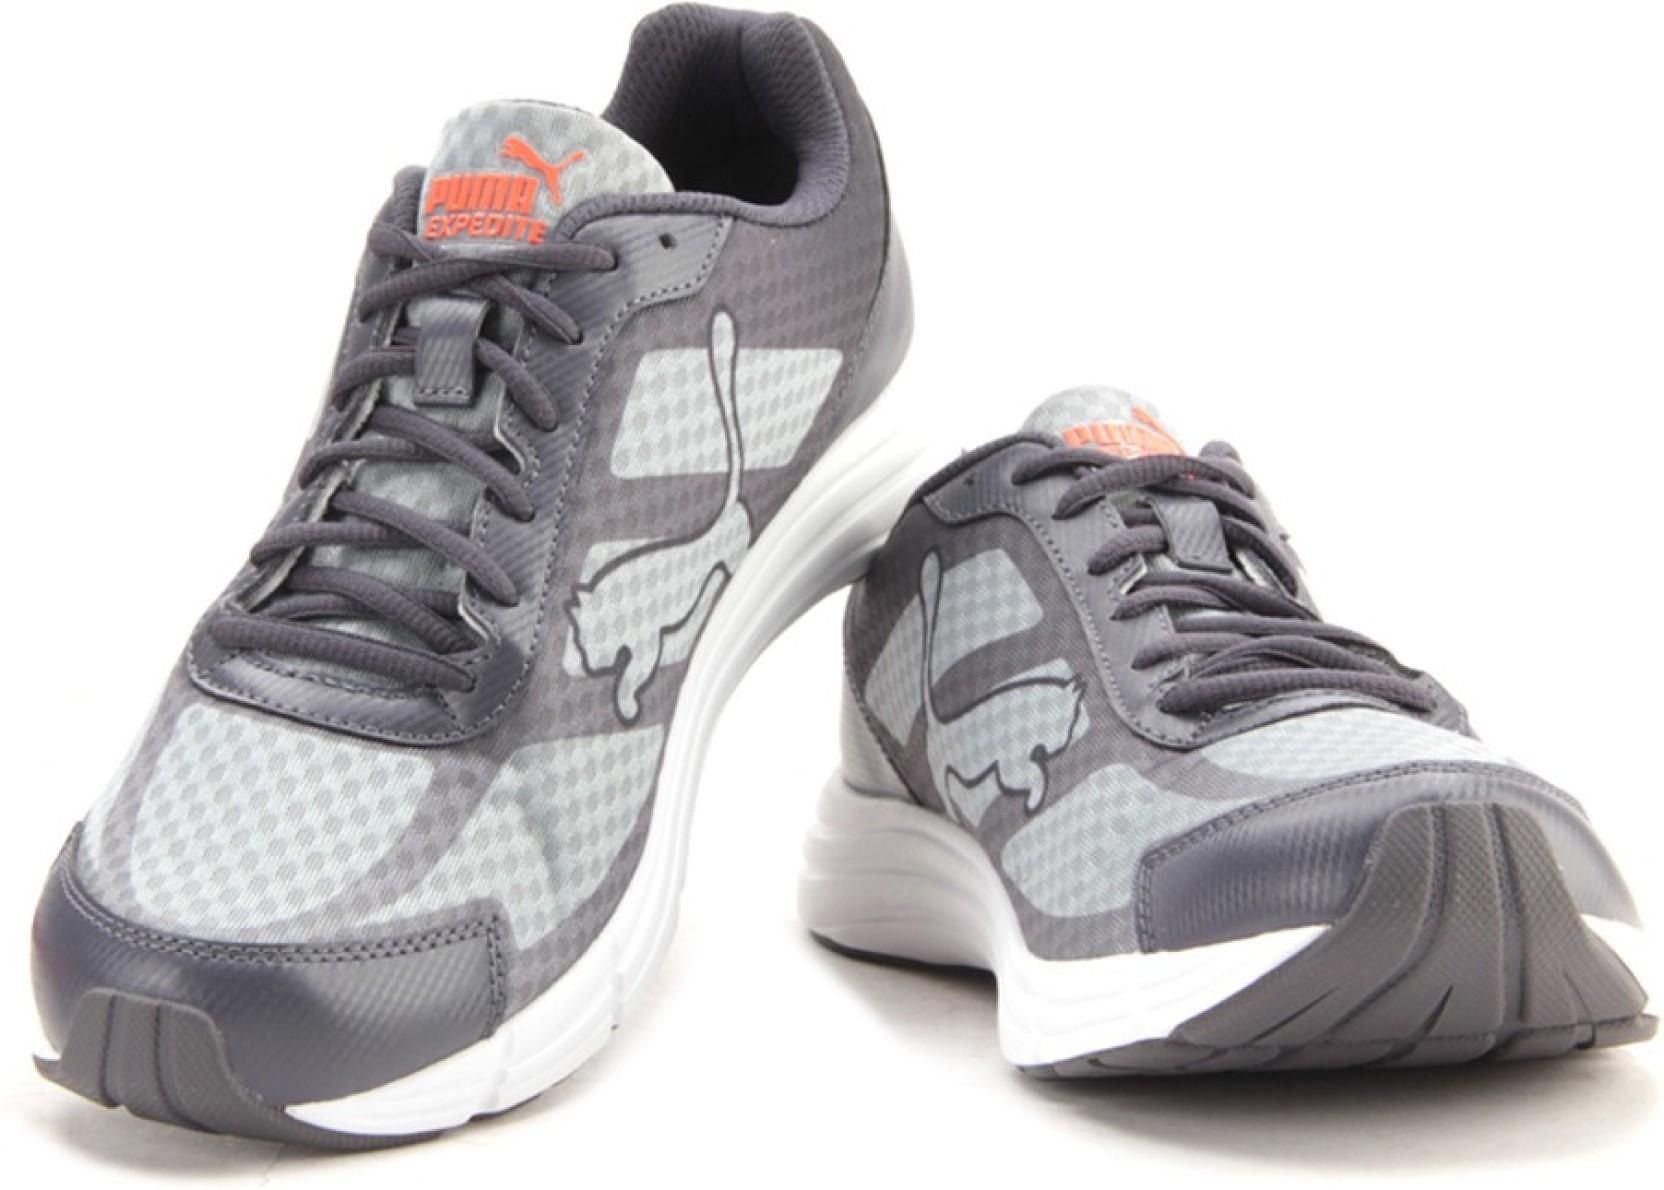 73afefe5eaf0be Puma Expedite Men Running Shoes For Men - Buy Quarry